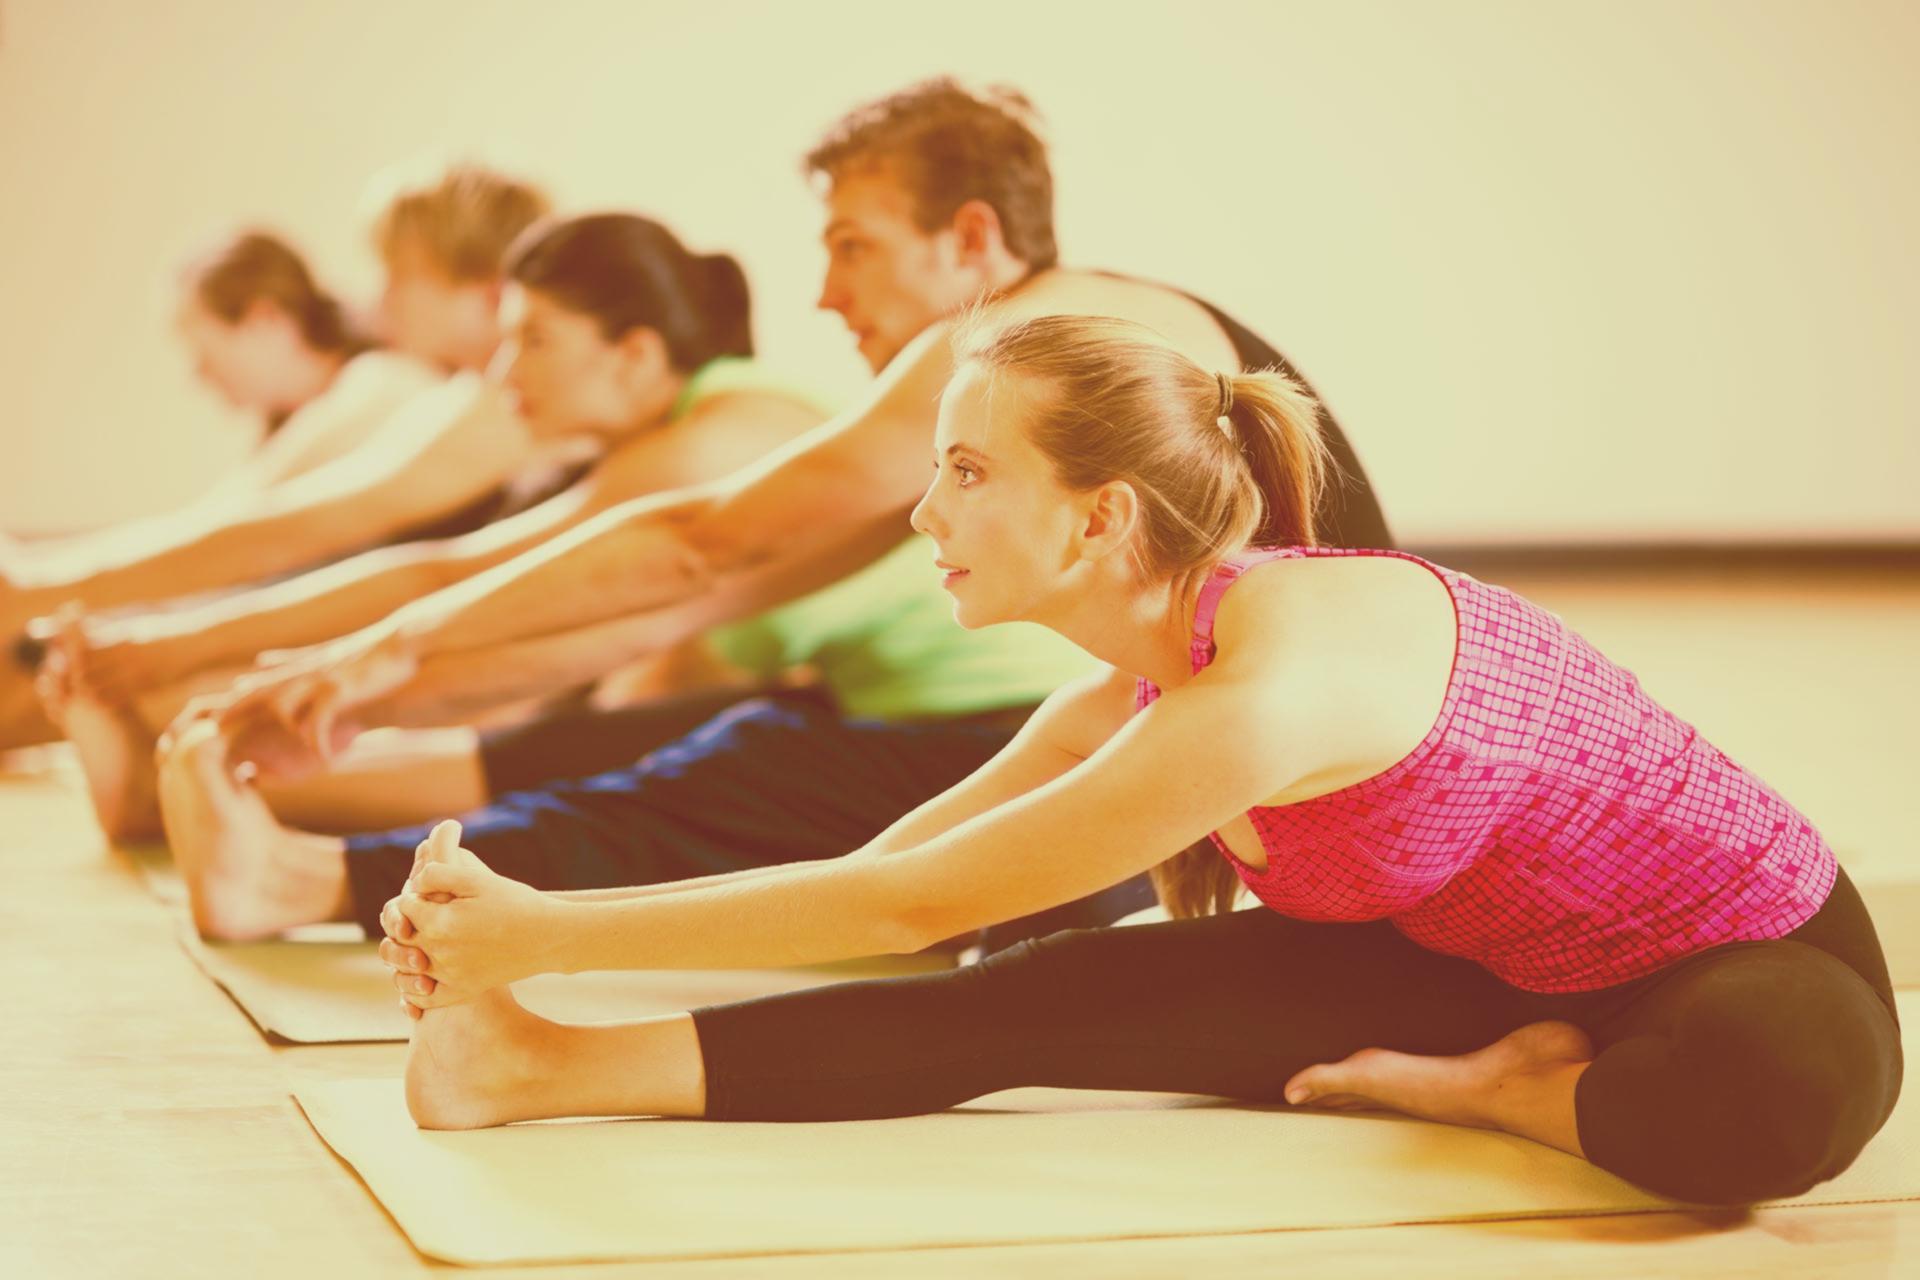 ¿Cuál es la diferencia que hay entre las posturas de yoga y los ejercicios de gimnasia?